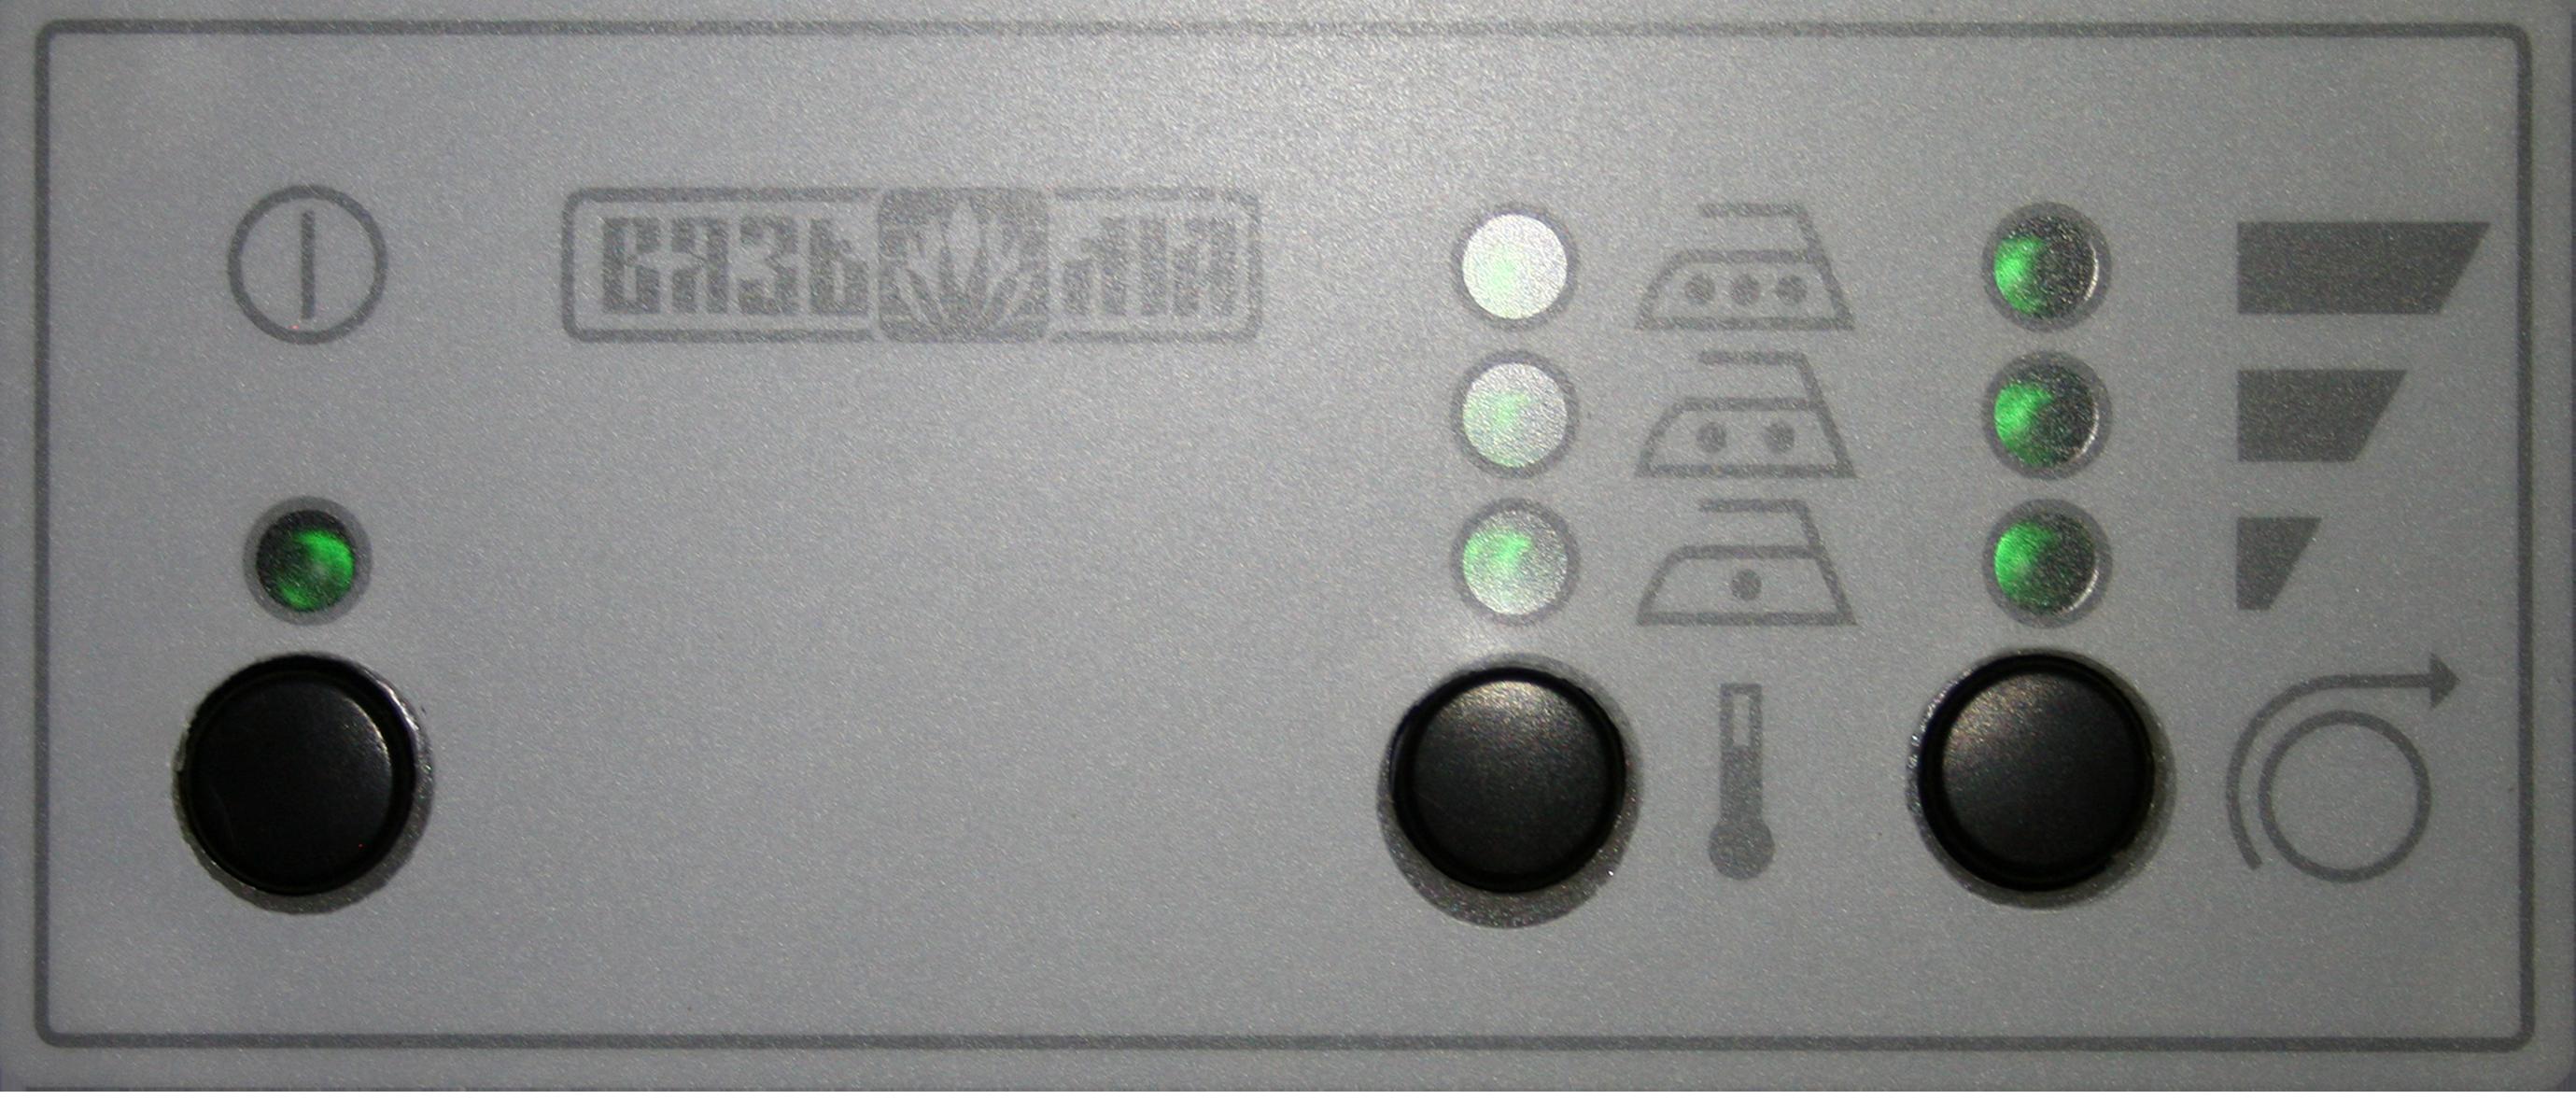 компьютерное управление стиральной машиной